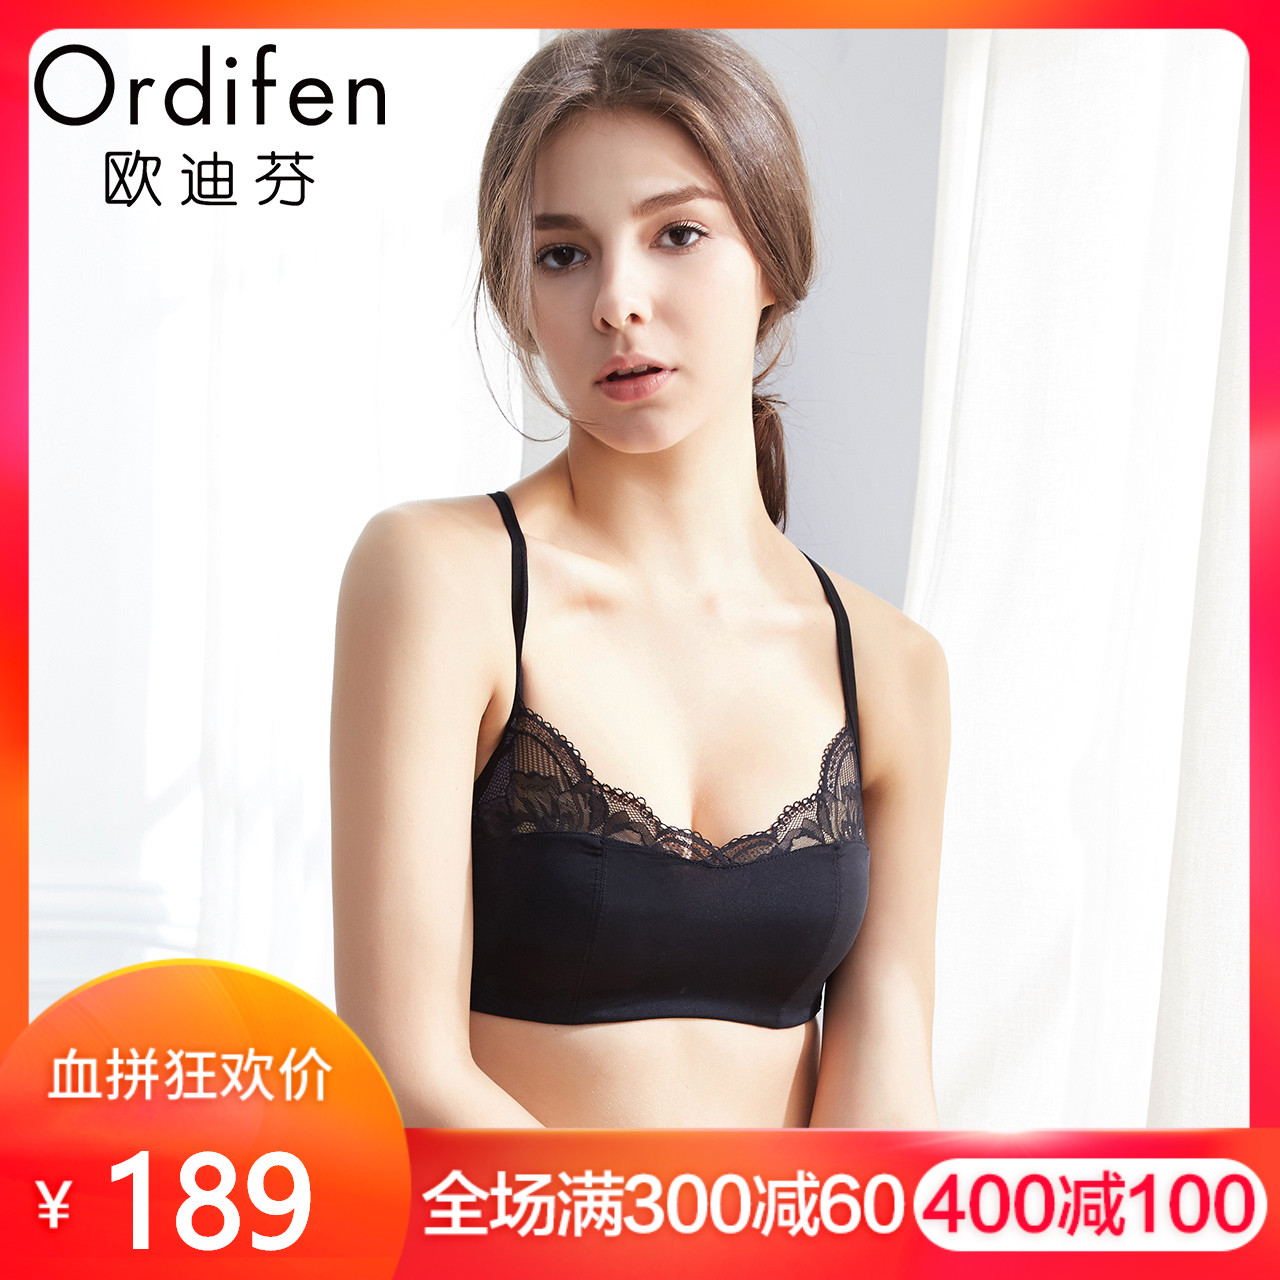 欧迪芬 2018新款内衣聚拢收副乳抹胸式蕾丝性感美背文胸XB8202